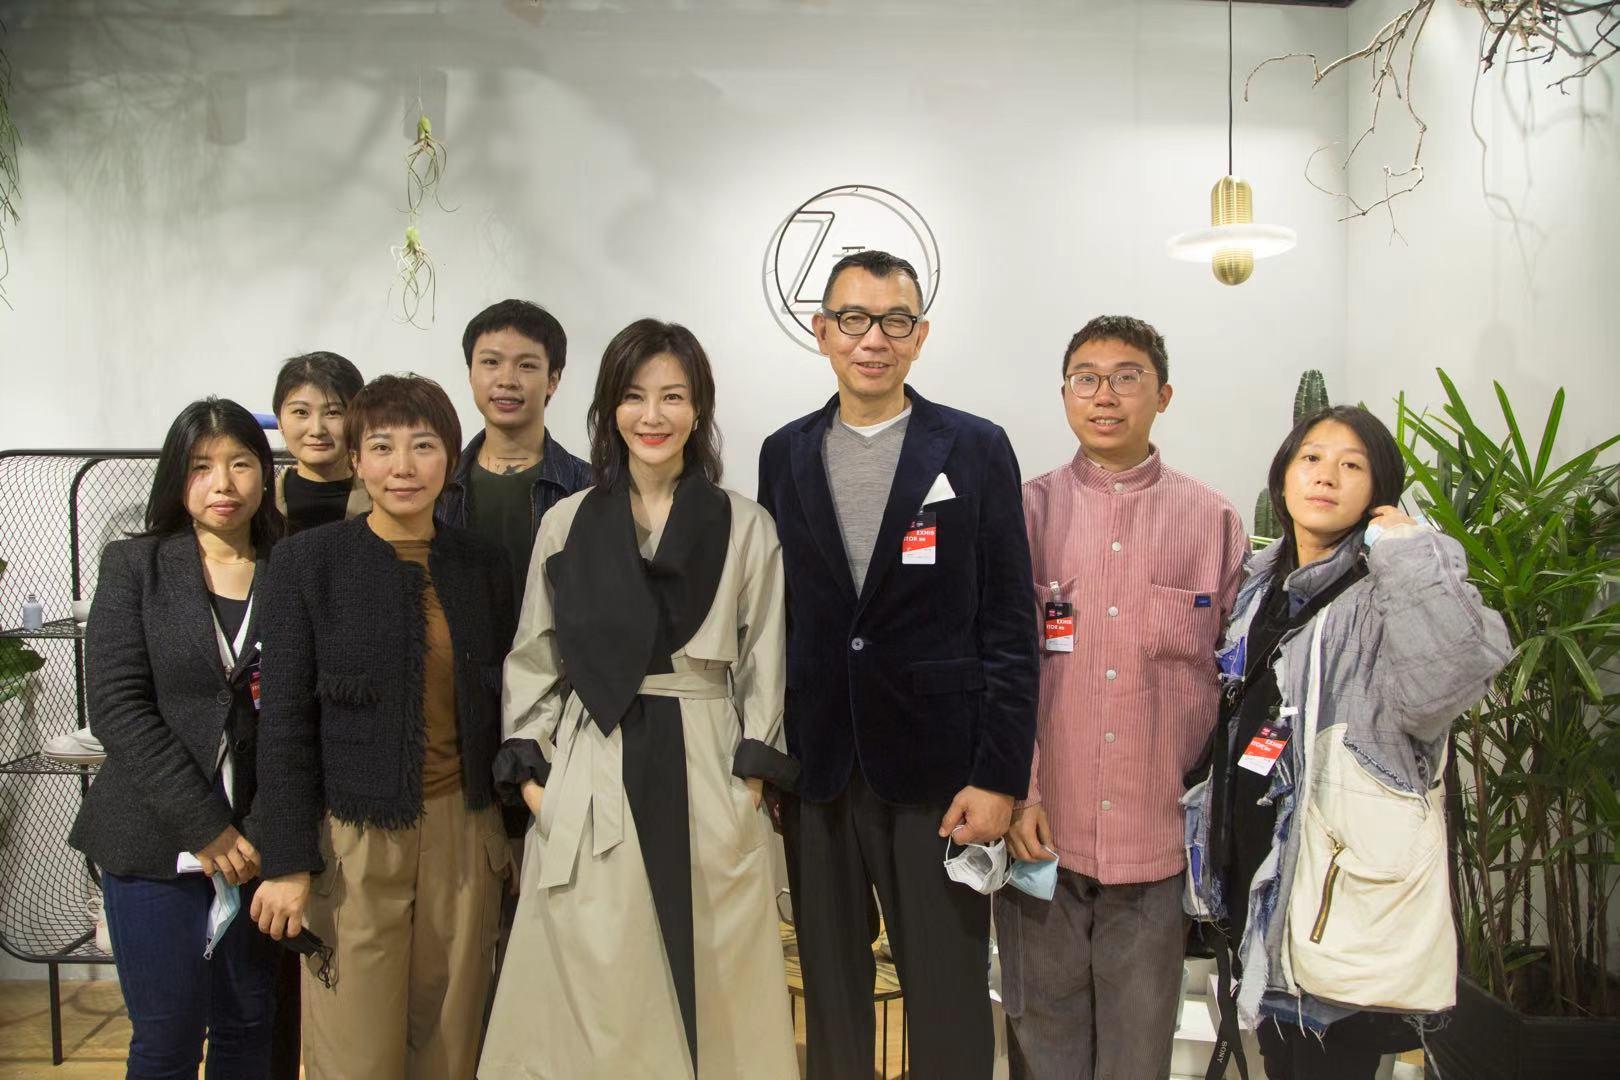 演员刘孜携原创品牌亮相设计上海 与自然共生概念吸睛